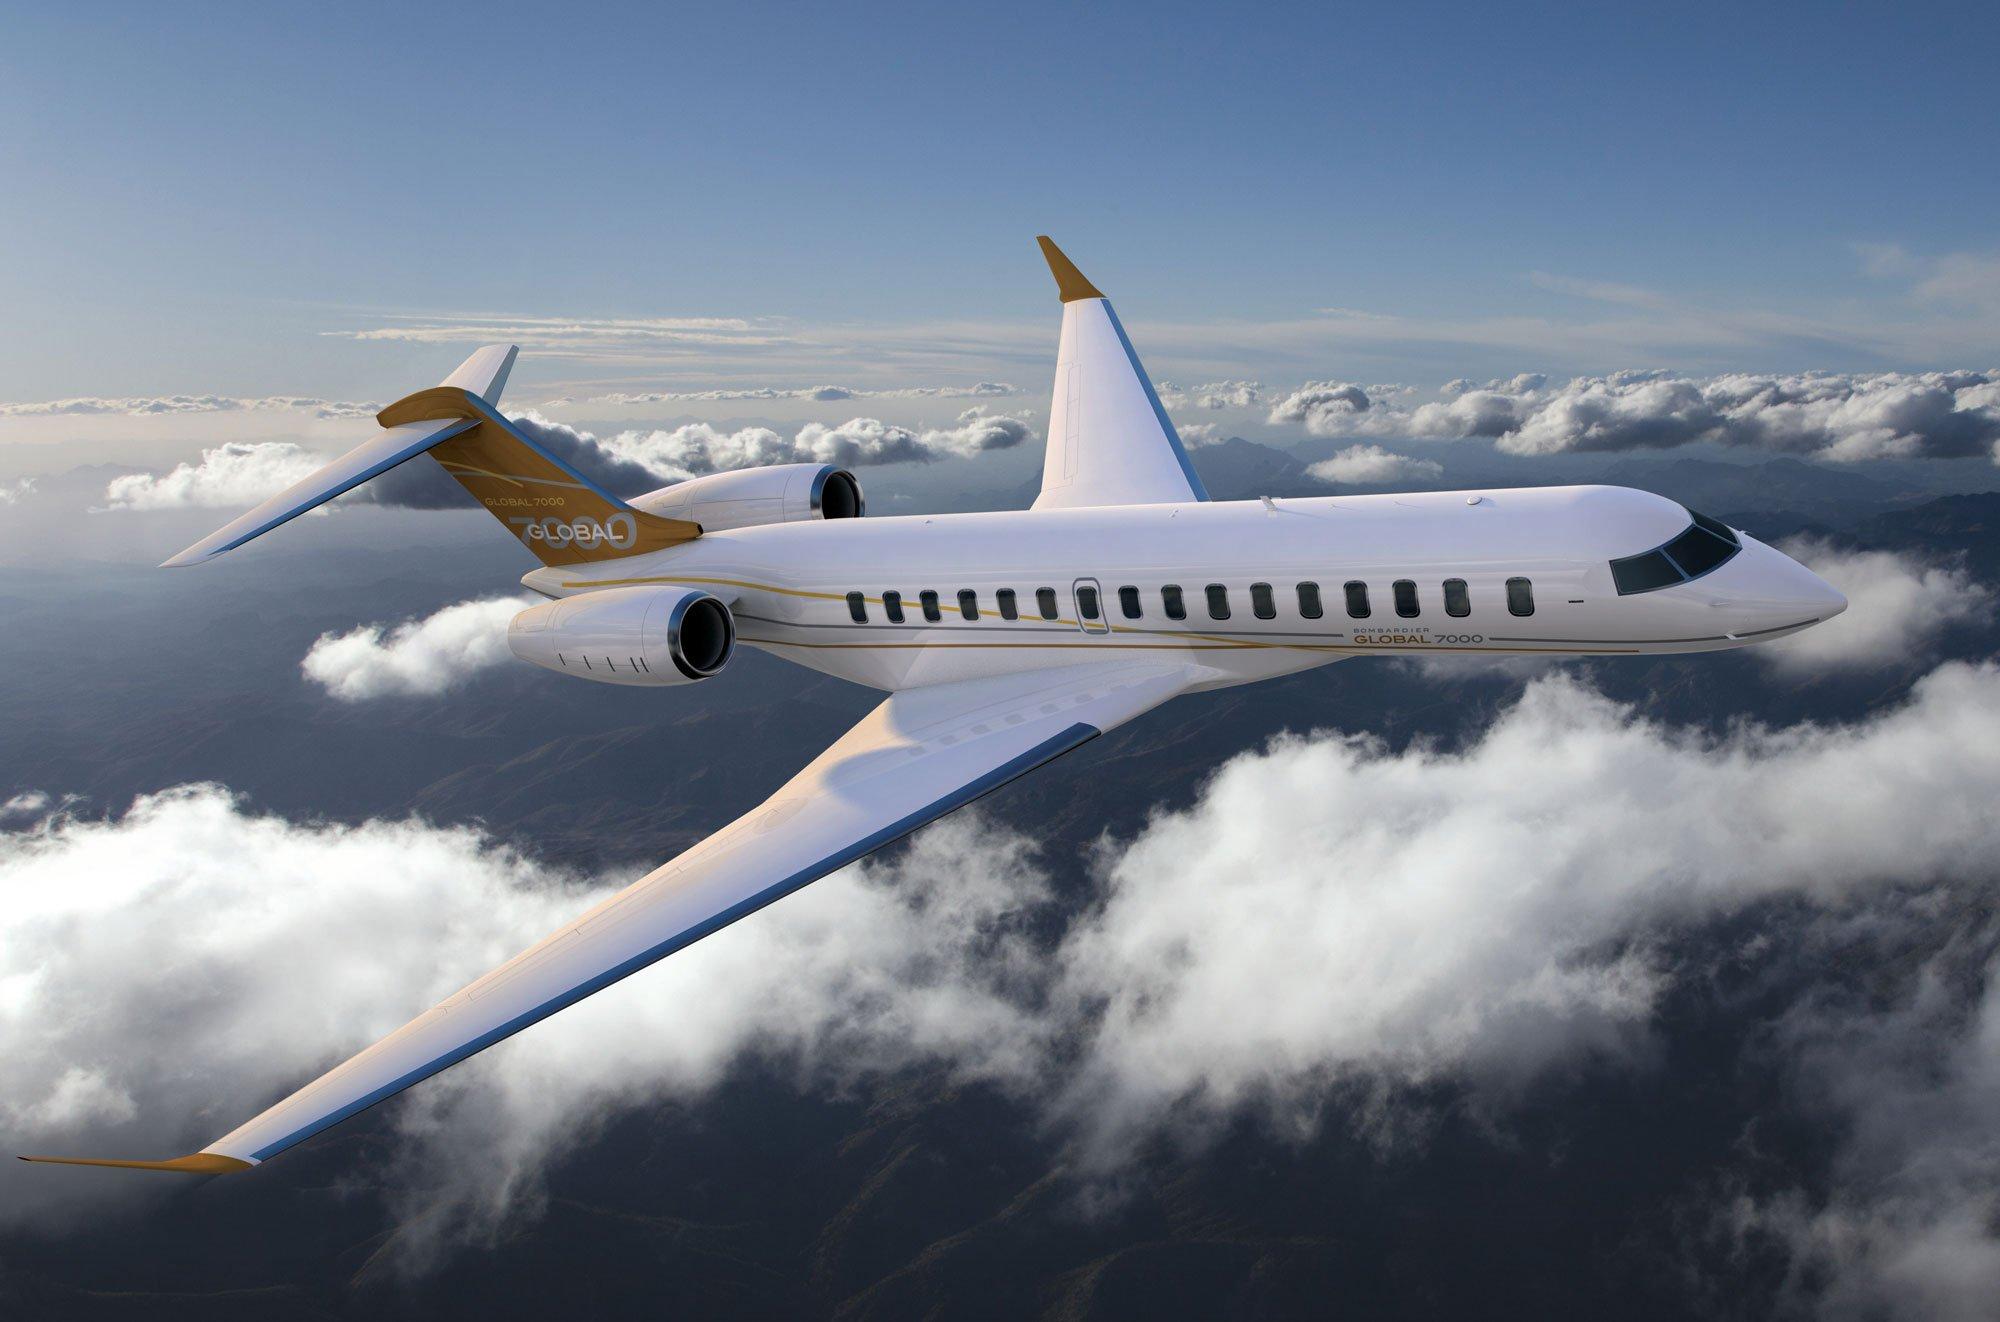 Bombardier Global 7000, un jet privado muy amplio y confortable